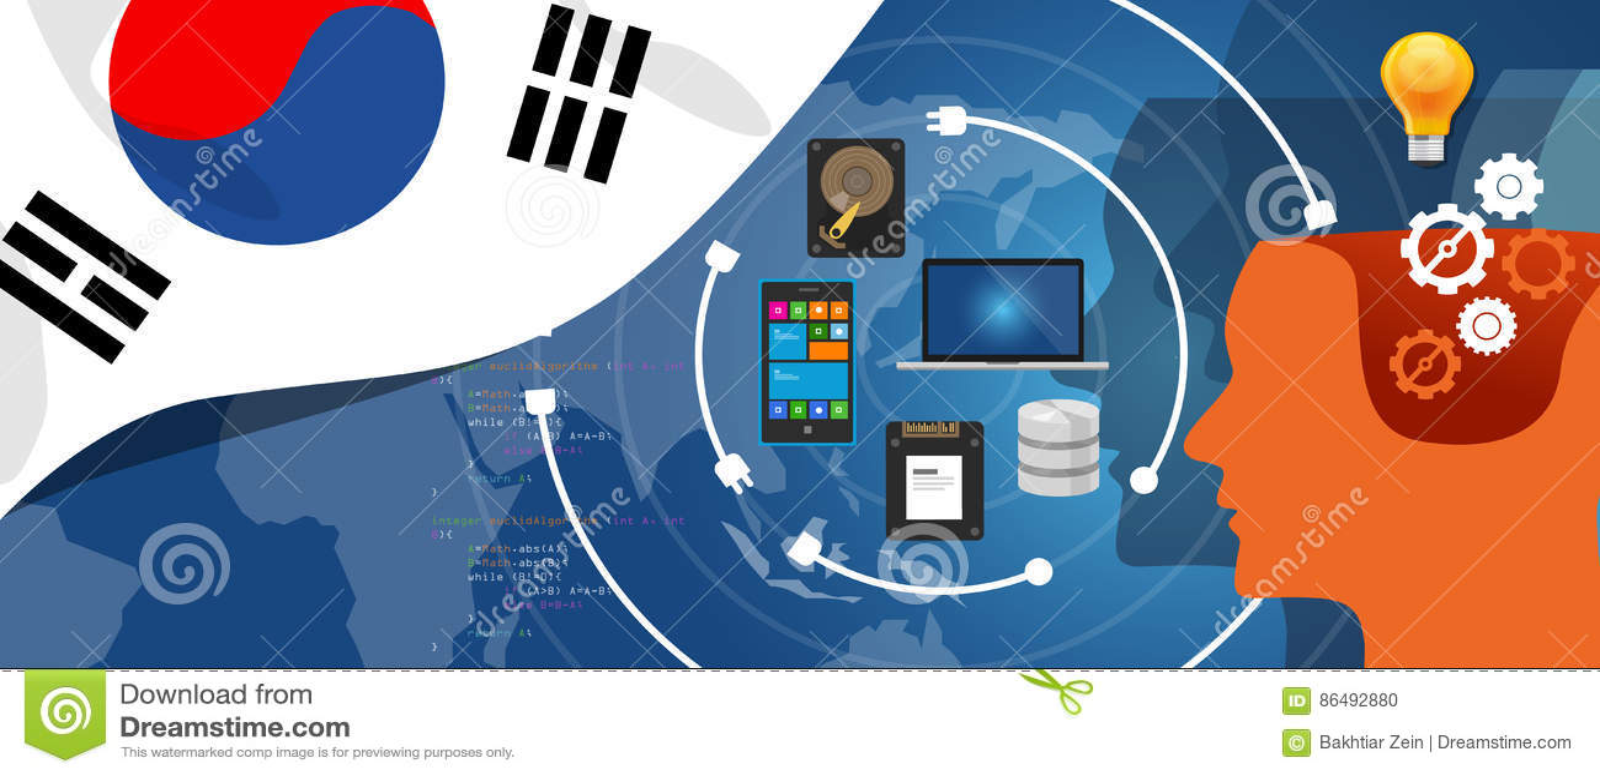 Południowego Korea IT technologie informacyjne cyfrowej infrastruktury złączeni biznesowi dane przez internet sieci używać